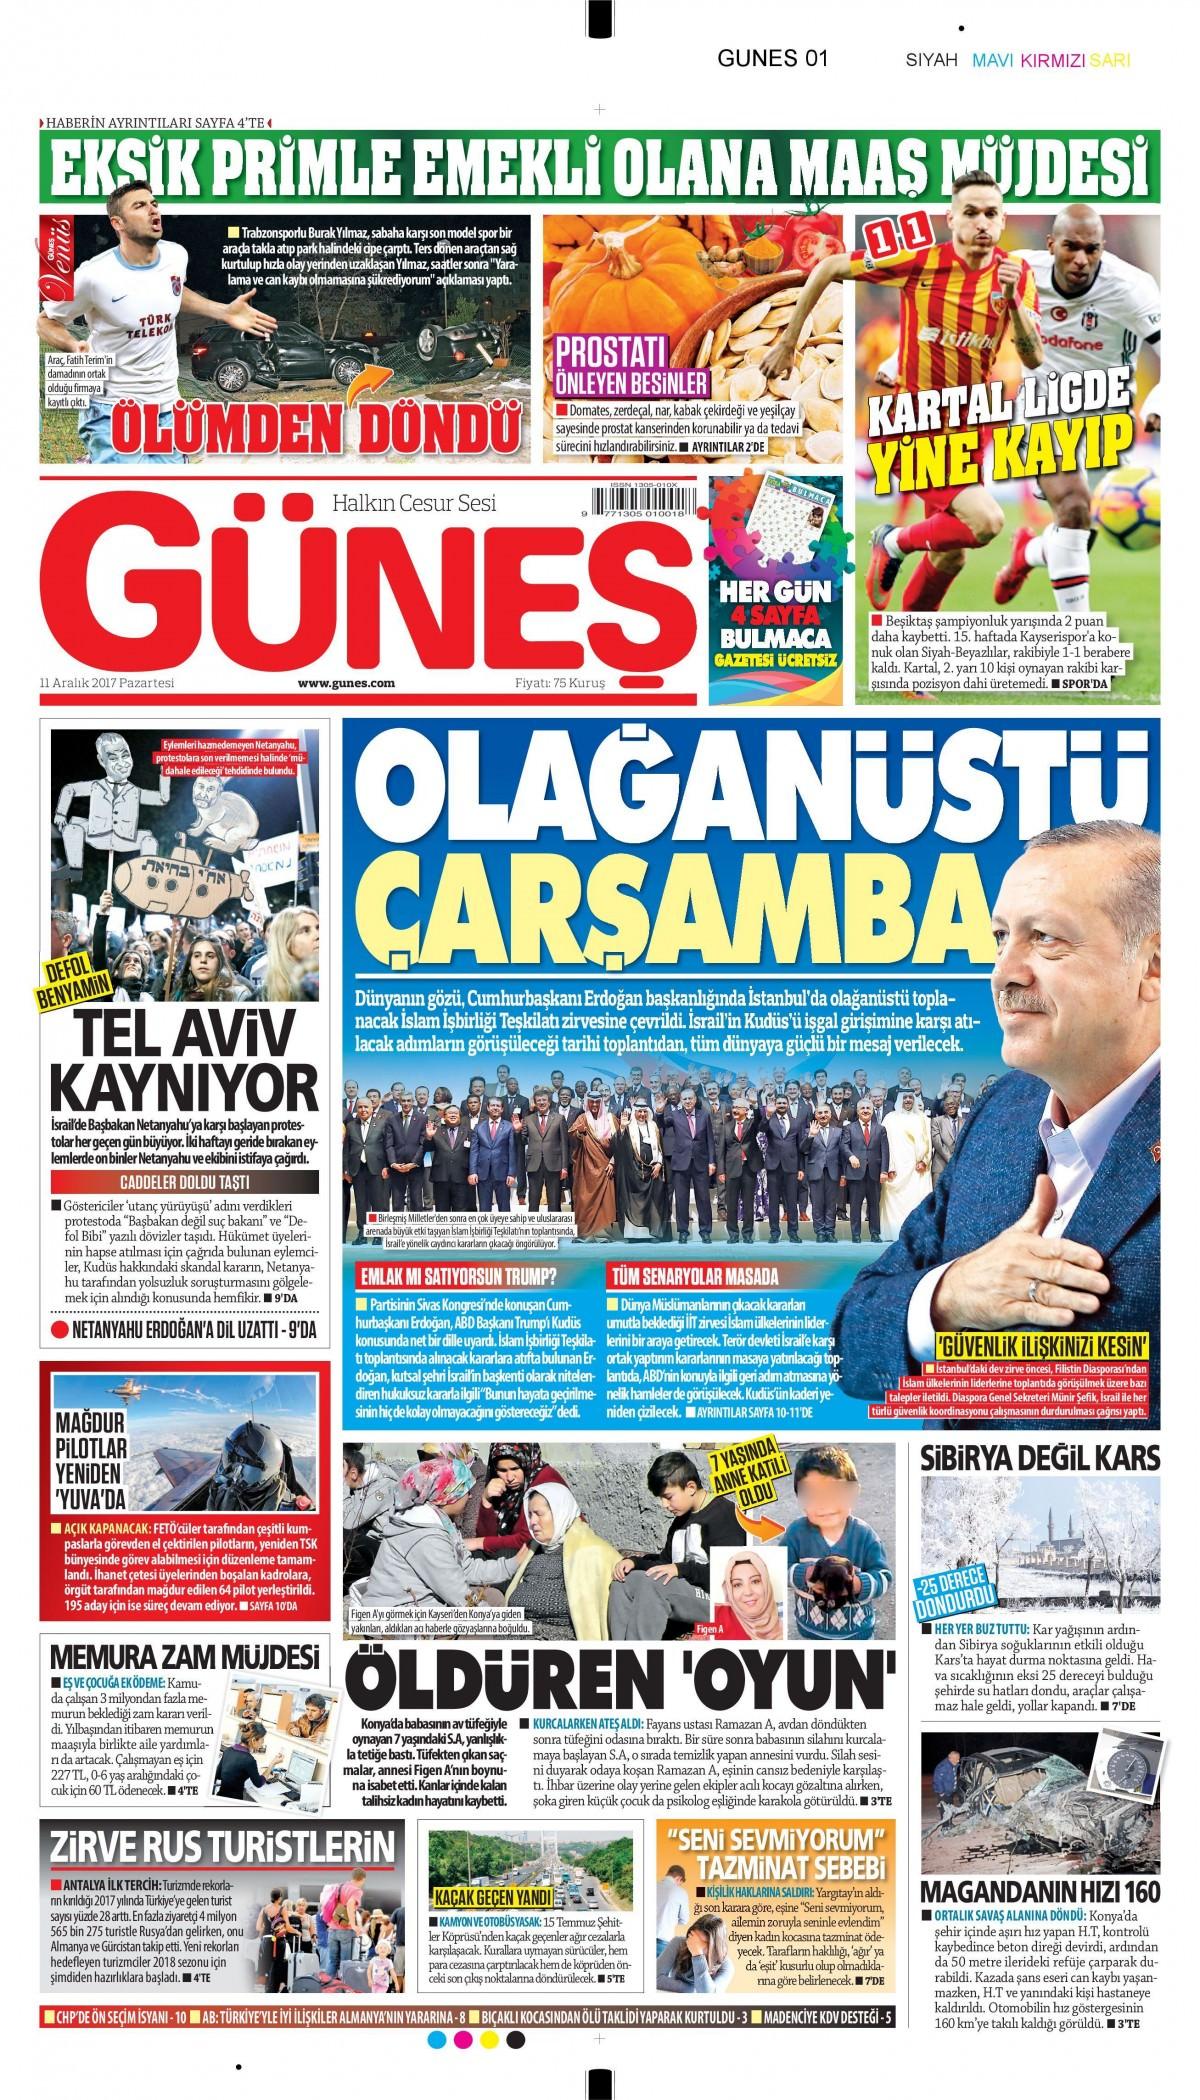 Gazeteler bugün ne yazdı? 16